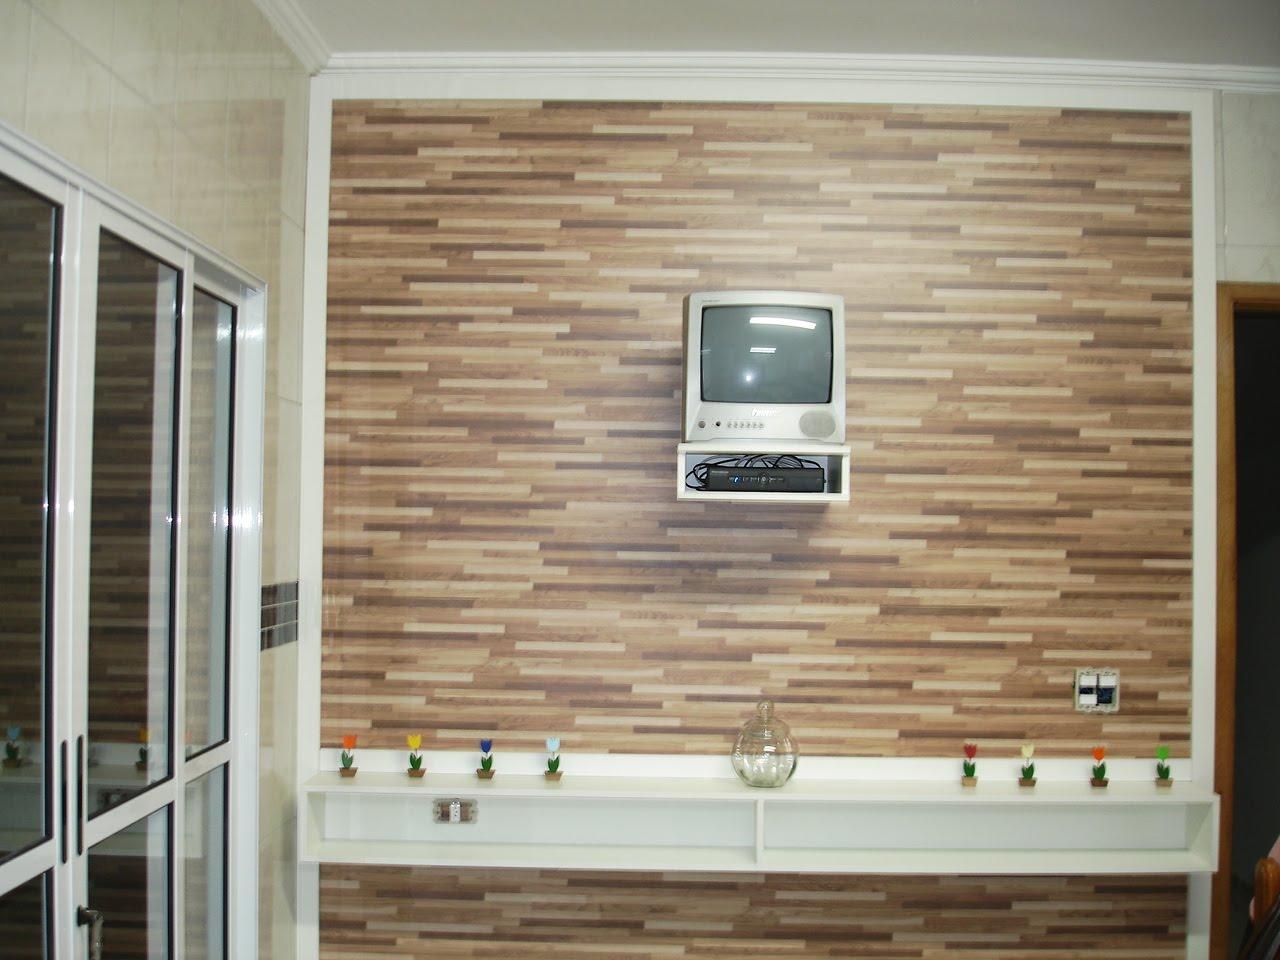 #614B34 Adriana Scorzafava Arquitetura e Design 1280x960 px Banheiro Publico Arquitetura 2013